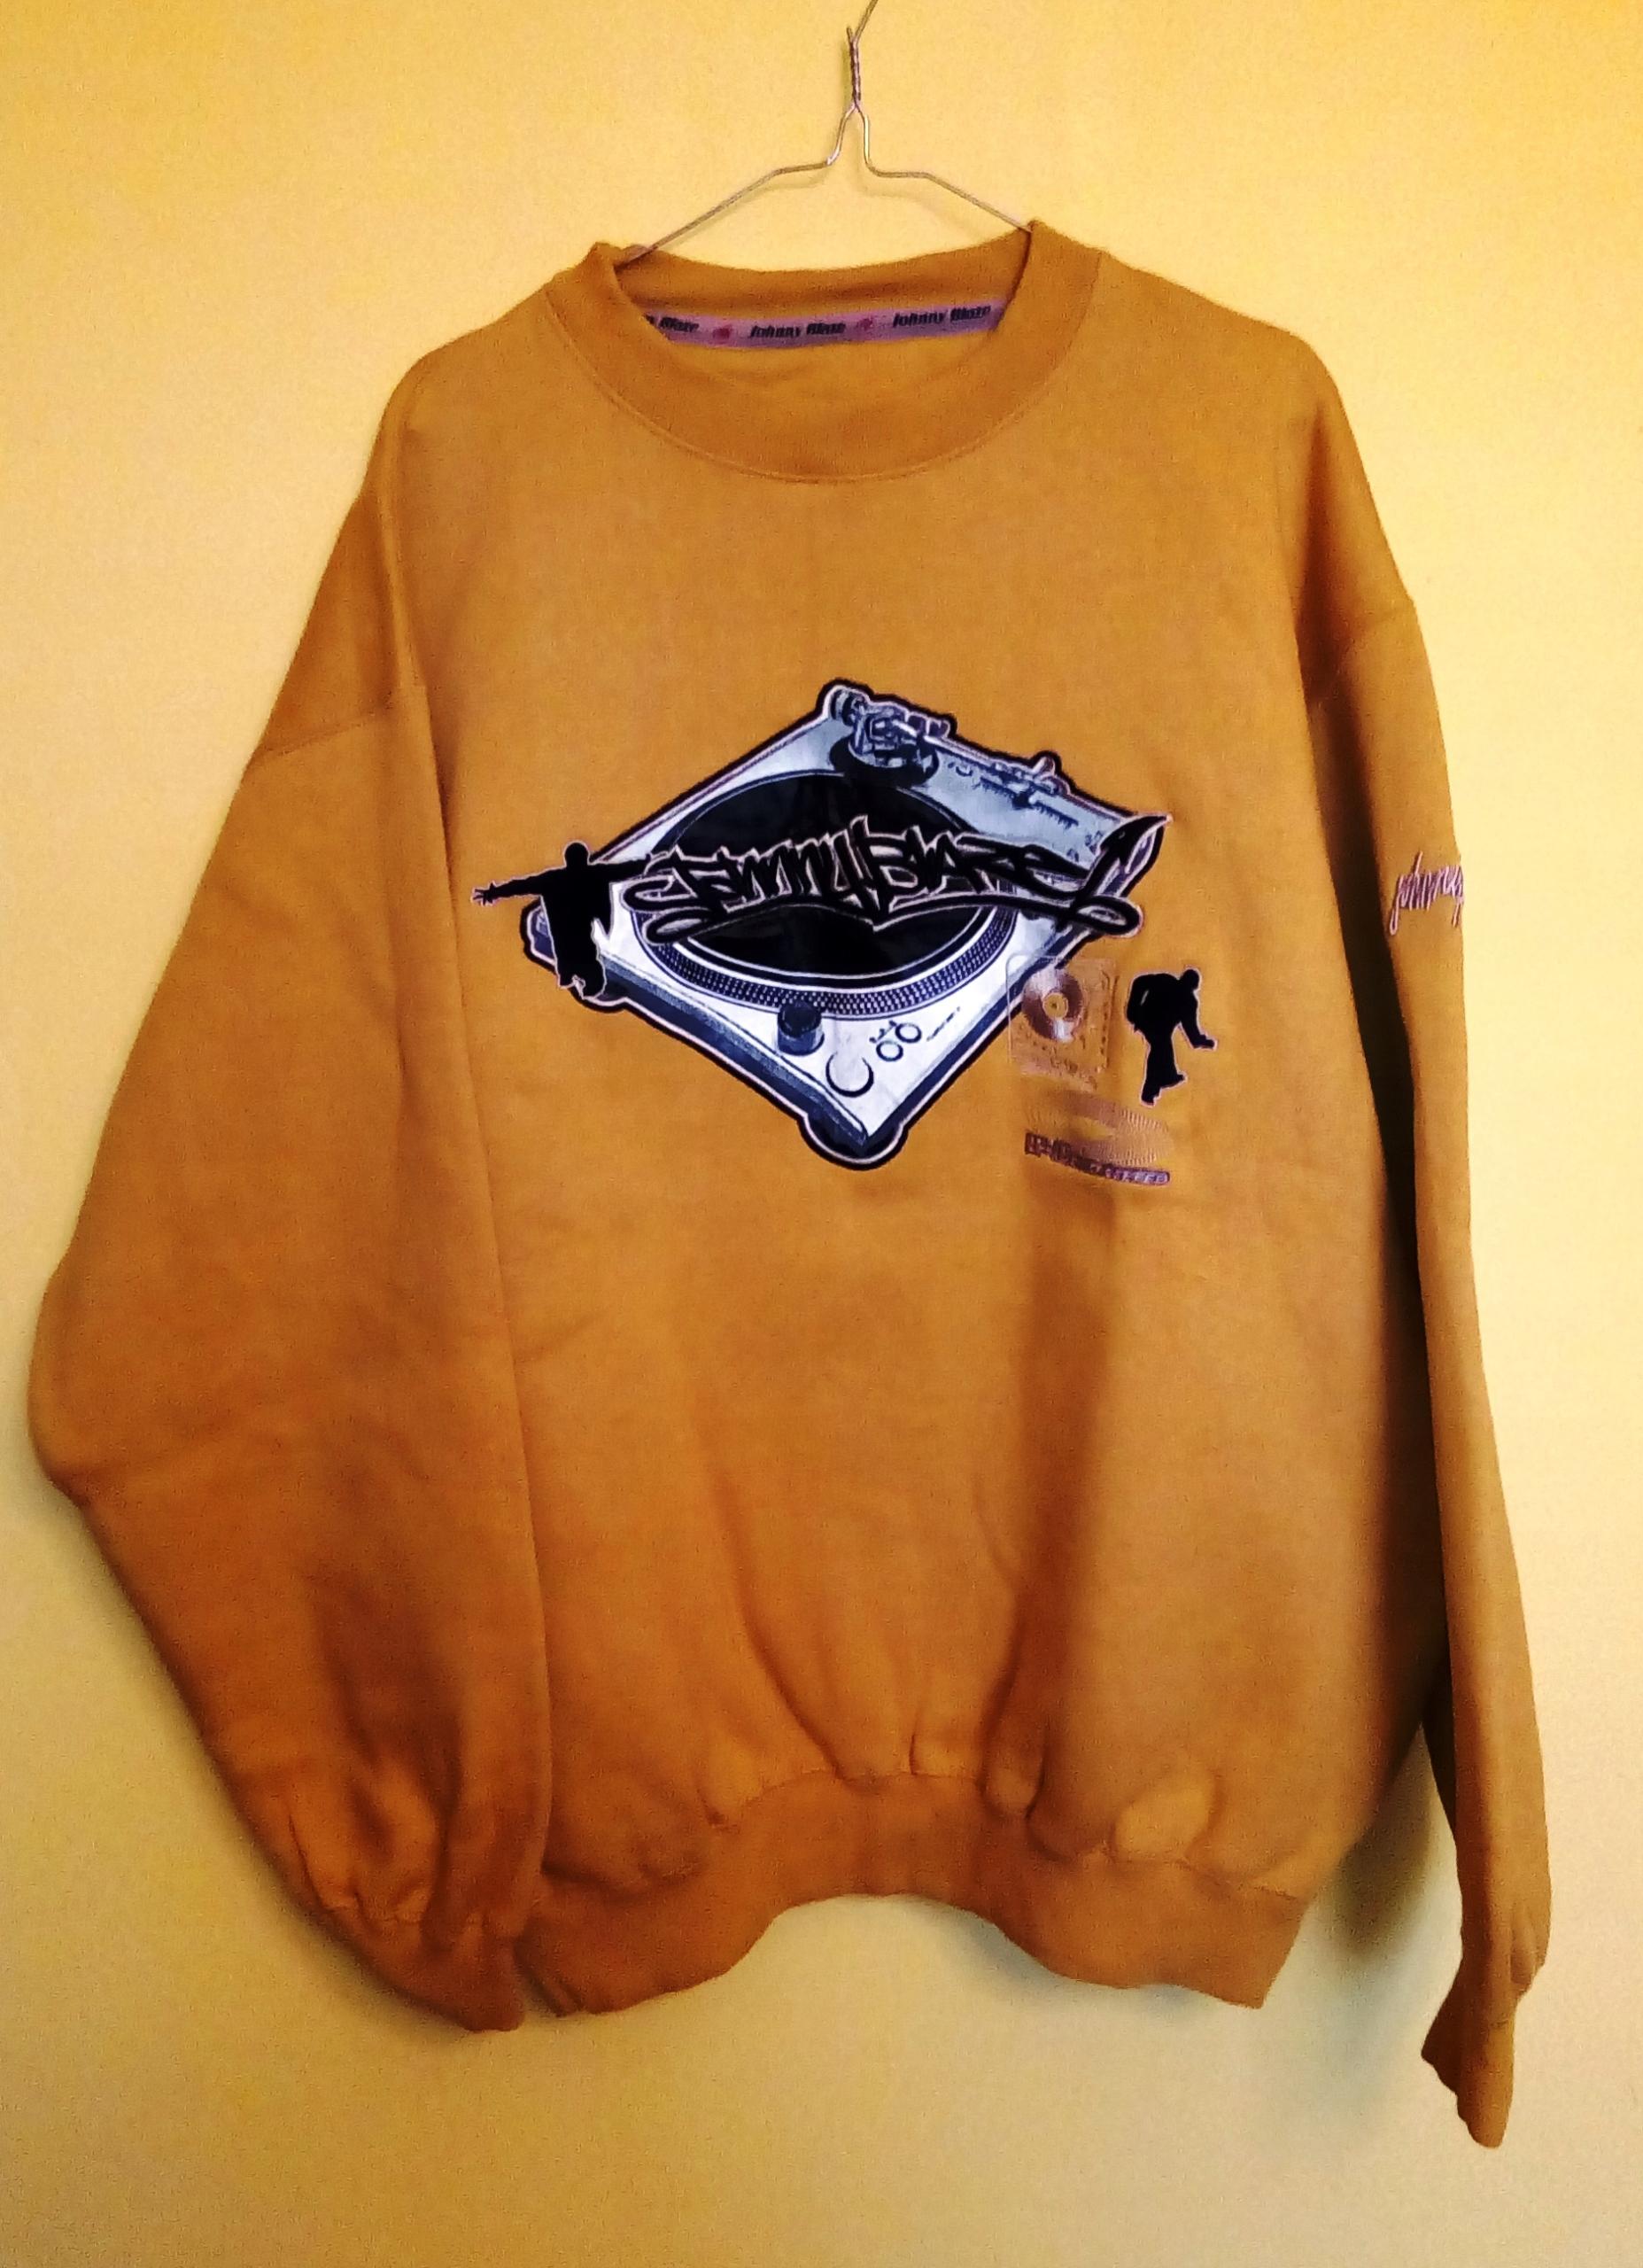 Bluza Johnny Blaze rap hip hop old school z USA!